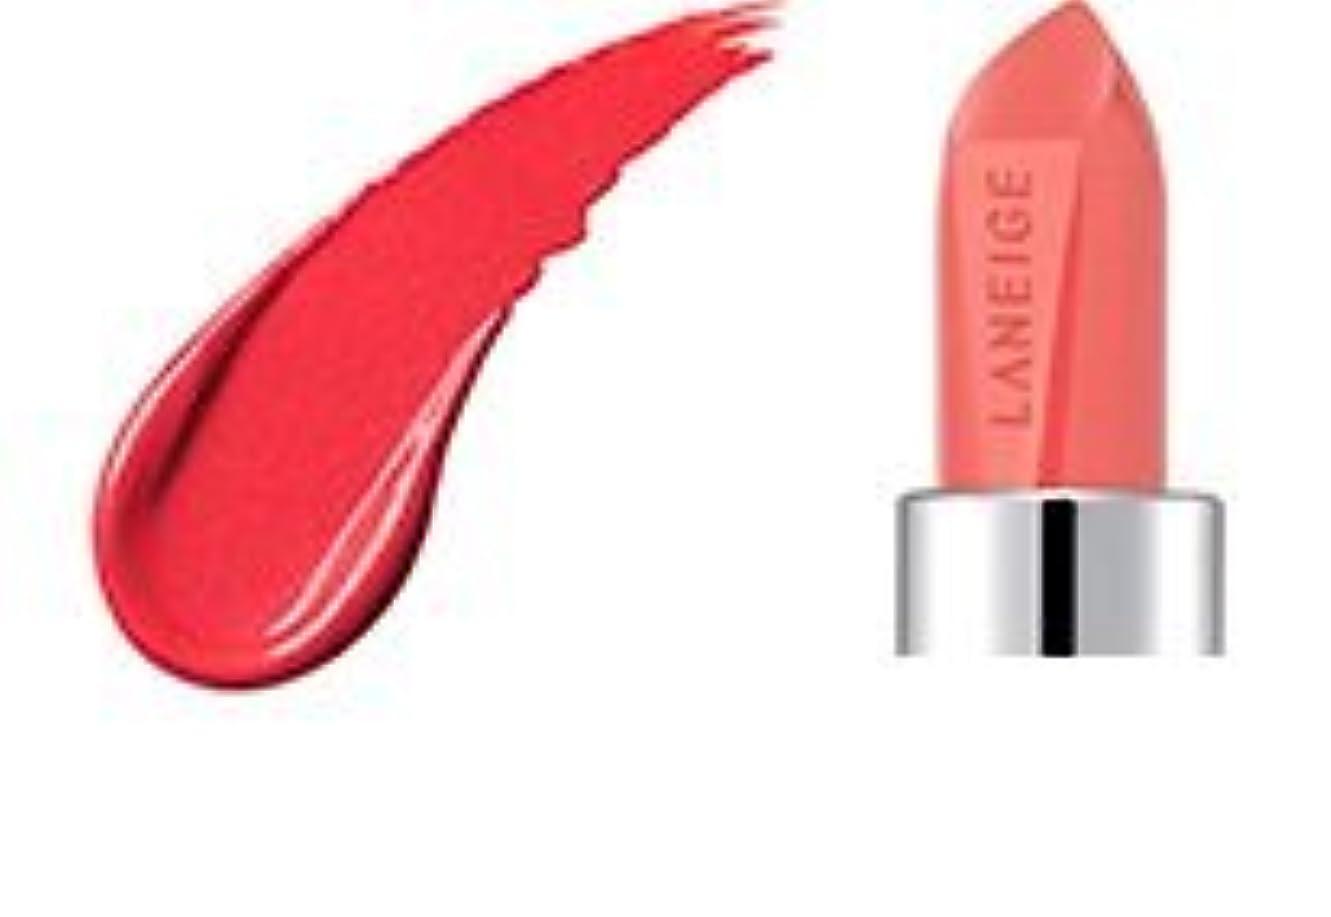 インタラクションリッチ衛星[2017 Renewal] LANEIGE Silk Intense Lipstick 3.5g/ラネージュ シルク インテンス リップスティック 3.5g (#238 Miss Sunshine) [並行輸入品]